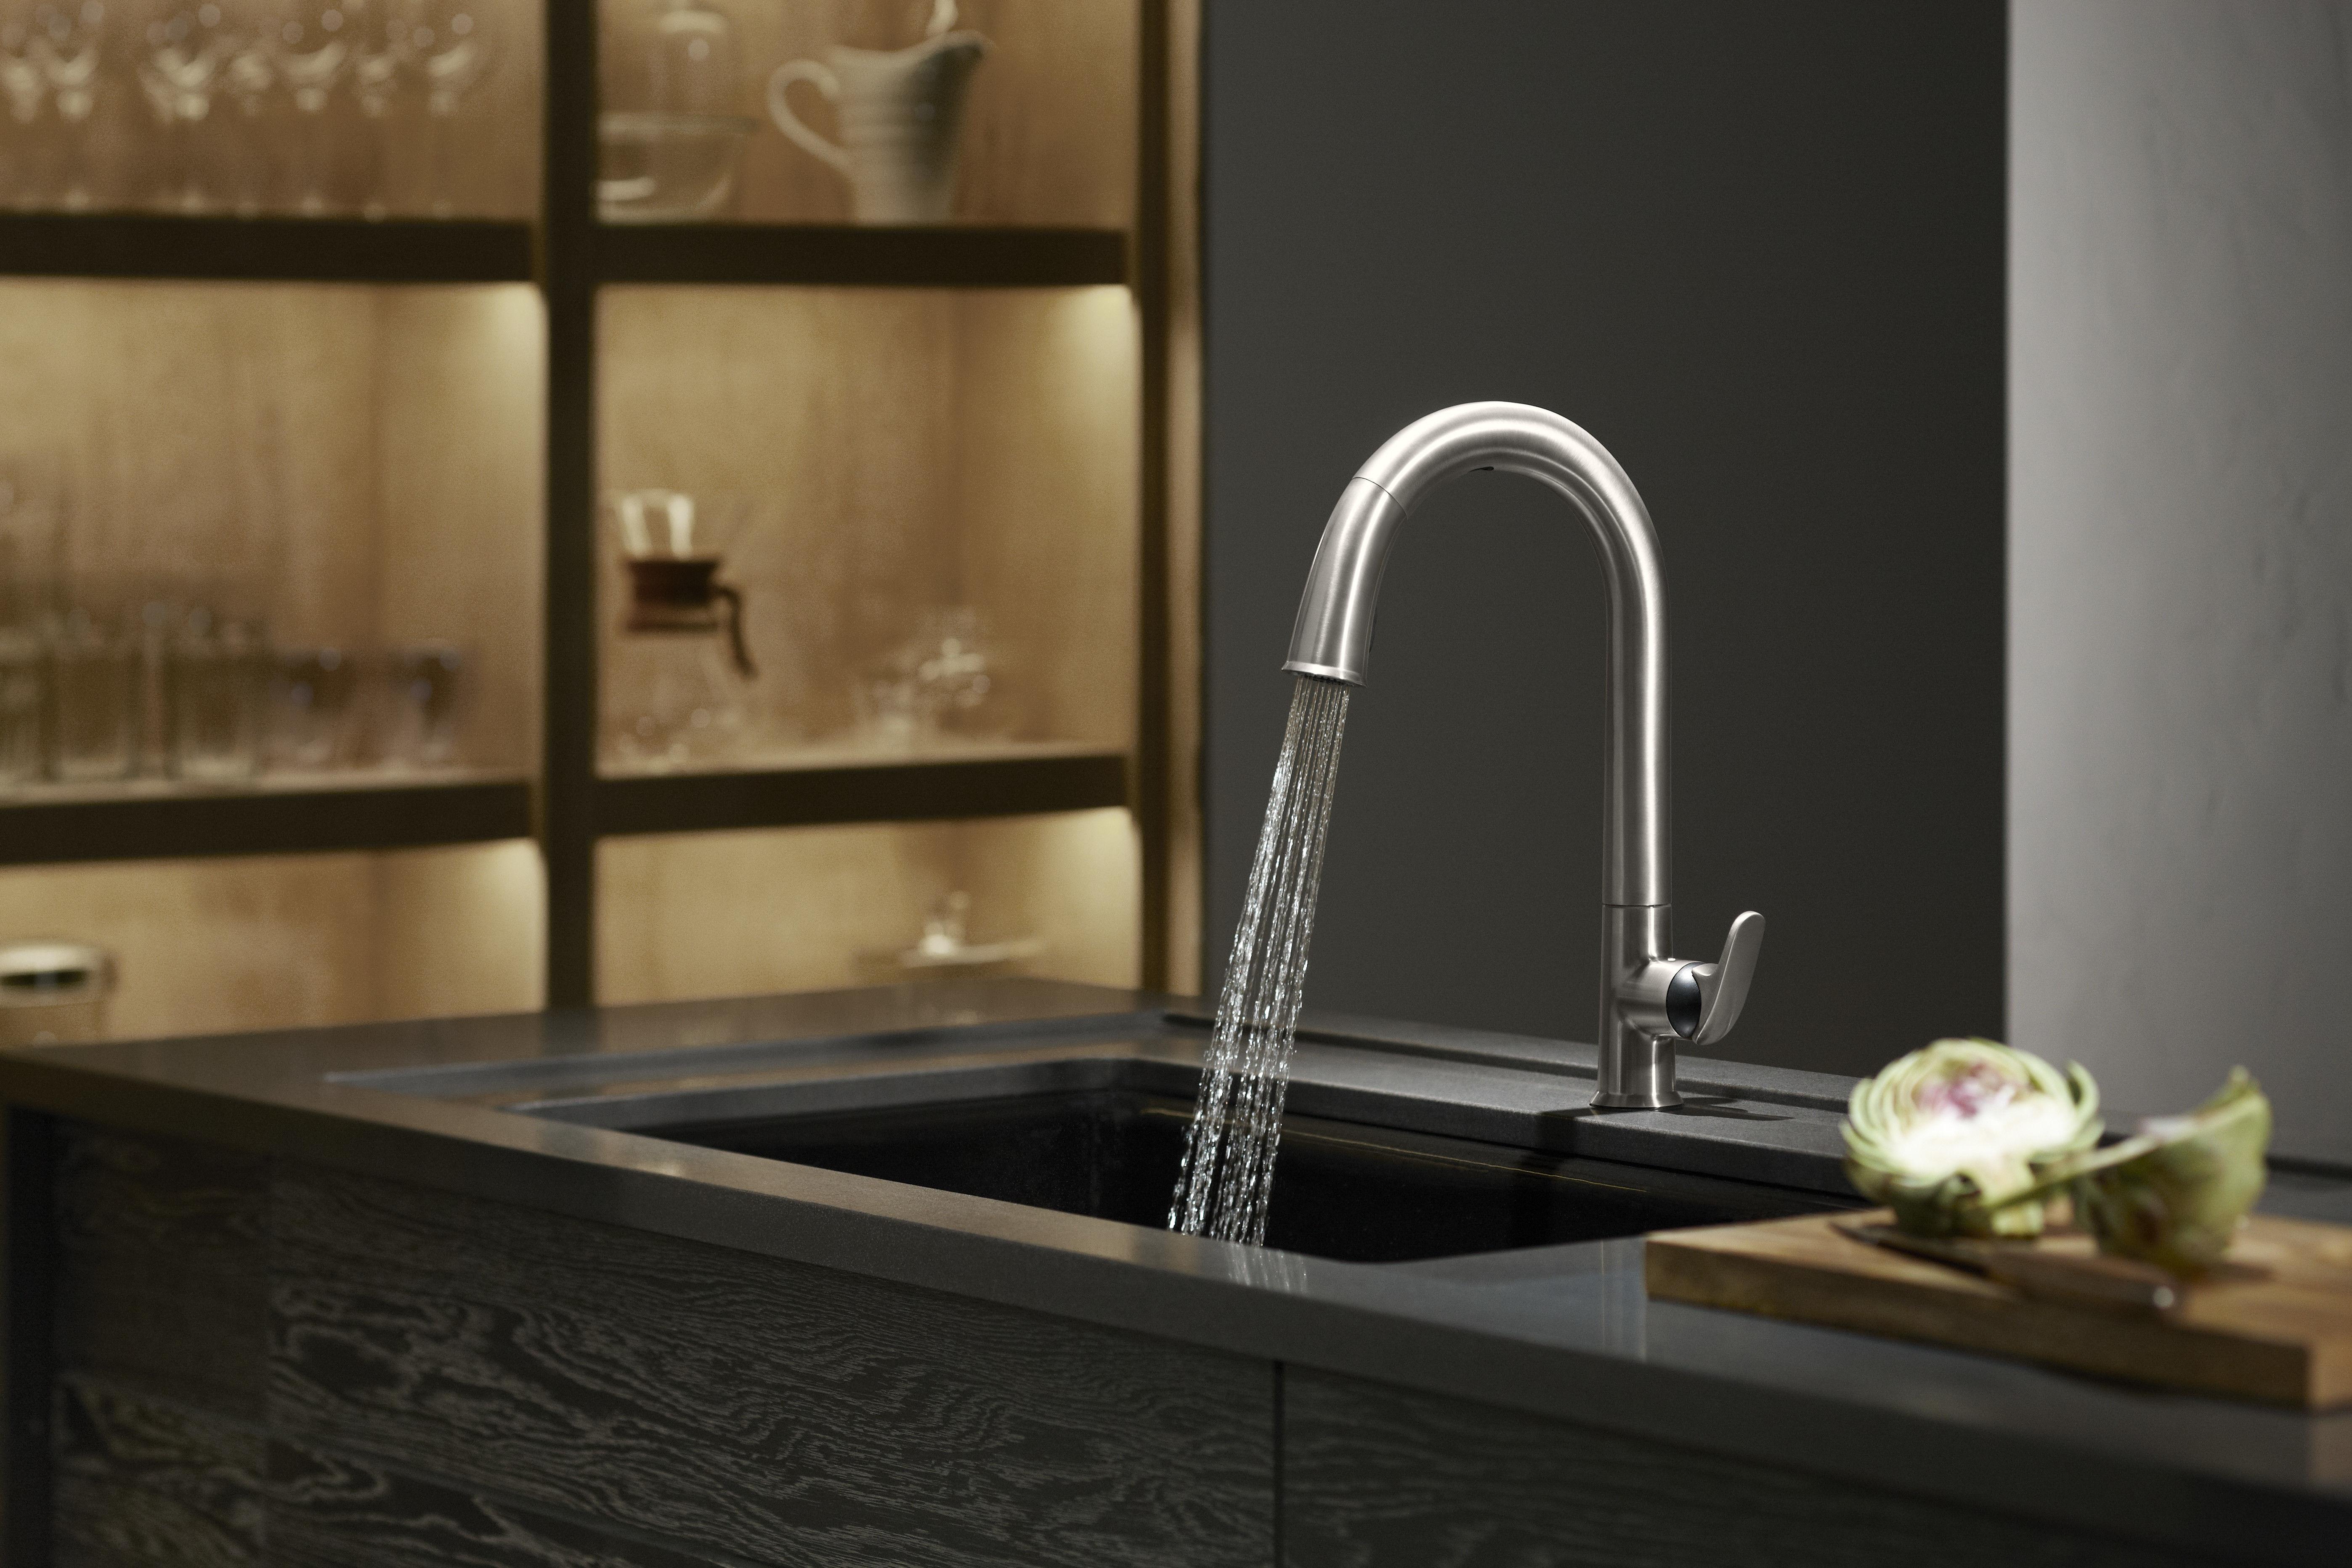 Kohler K-72218-VS Vibrant Stainless Sensate Touchless Kitchen Faucet ...